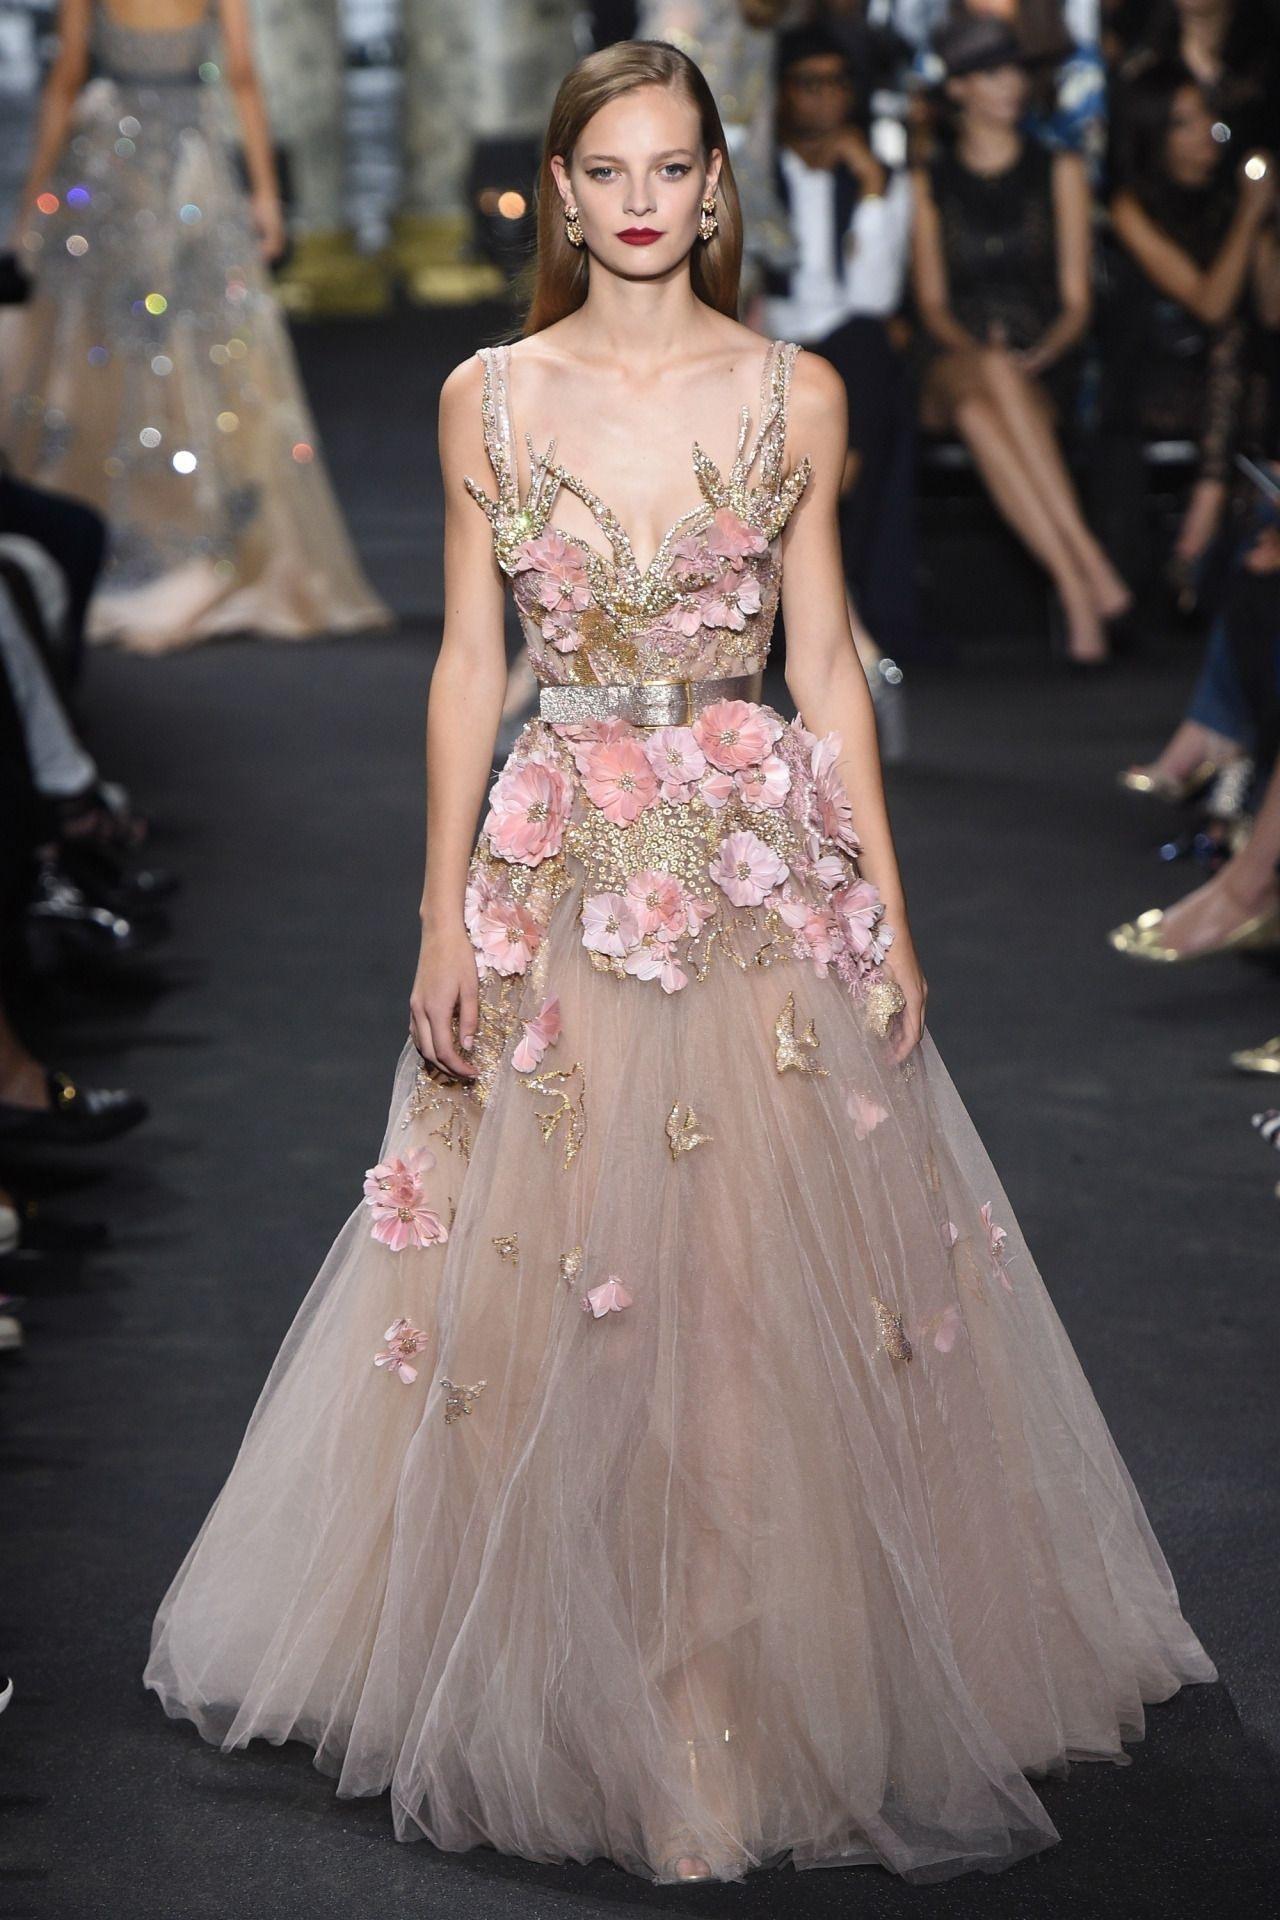 Formal Einfach Abendkleider Festkleider Boutique Luxus Abendkleider Festkleider Spezialgebiet